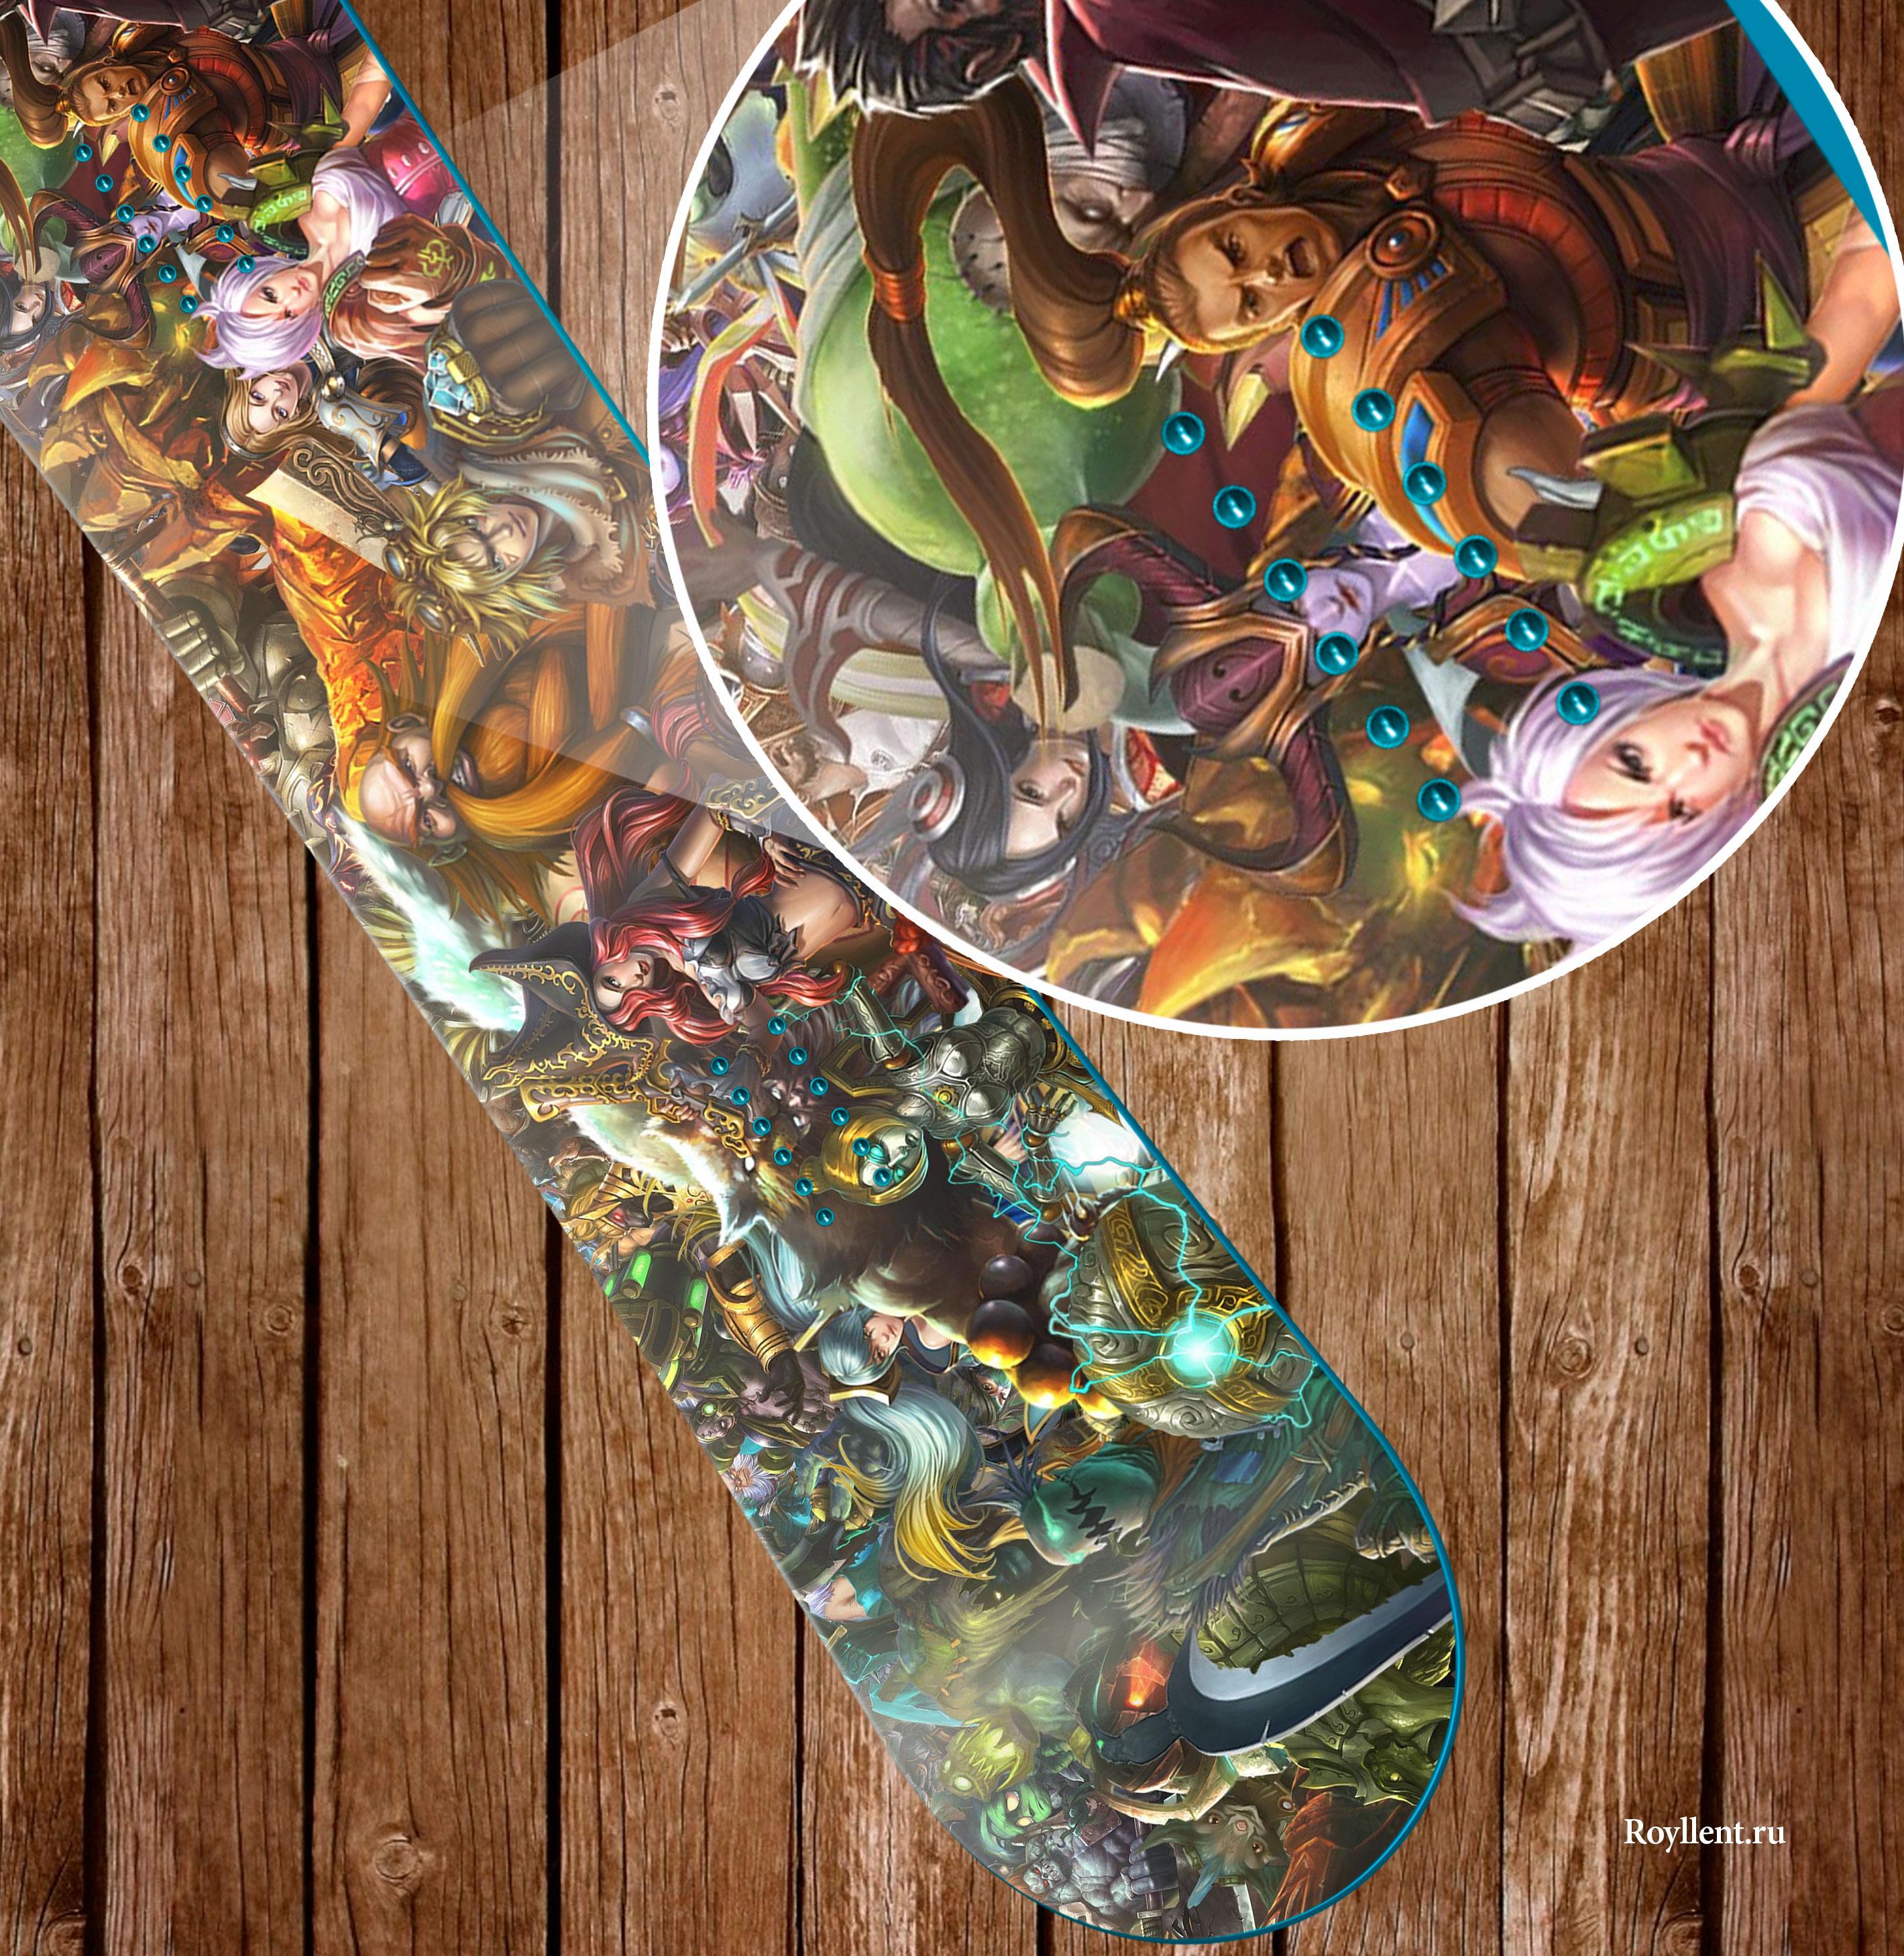 Наклейка в стиле Dota 2 League of Legends